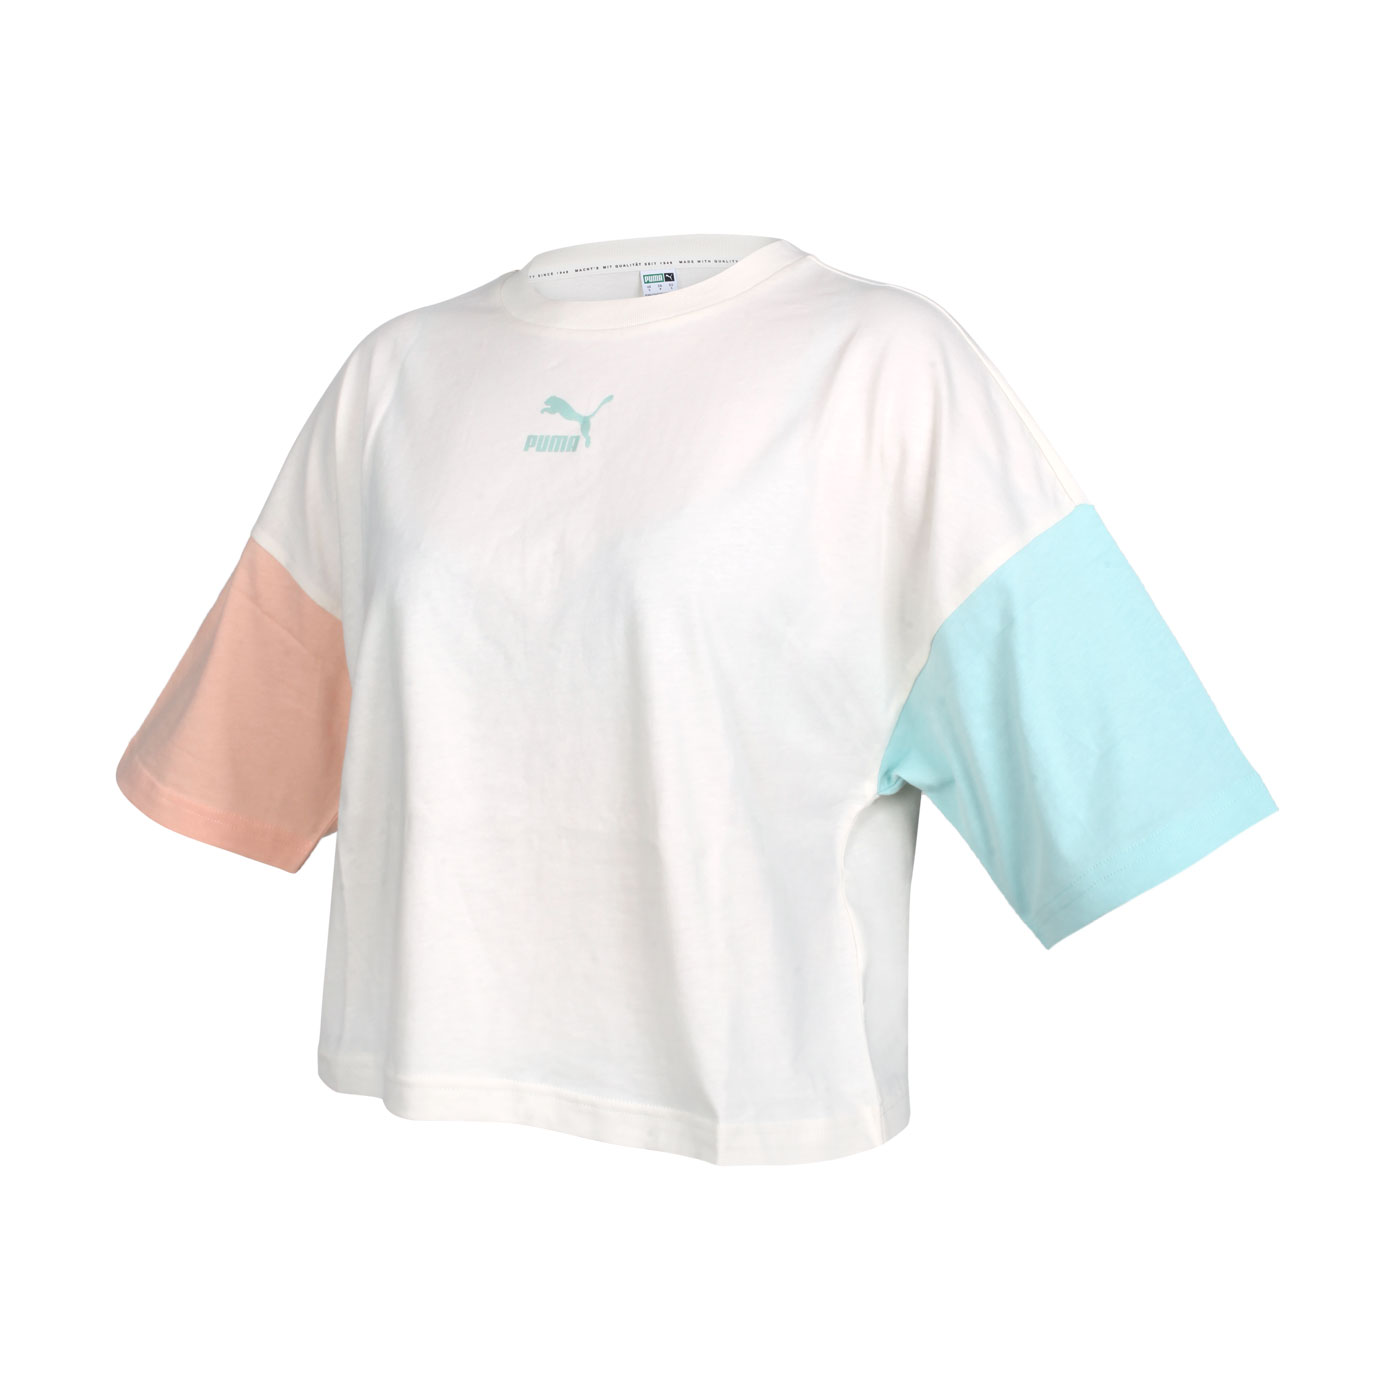 PUMA 女款短袖T恤 53169688 - 米白黃橘綠